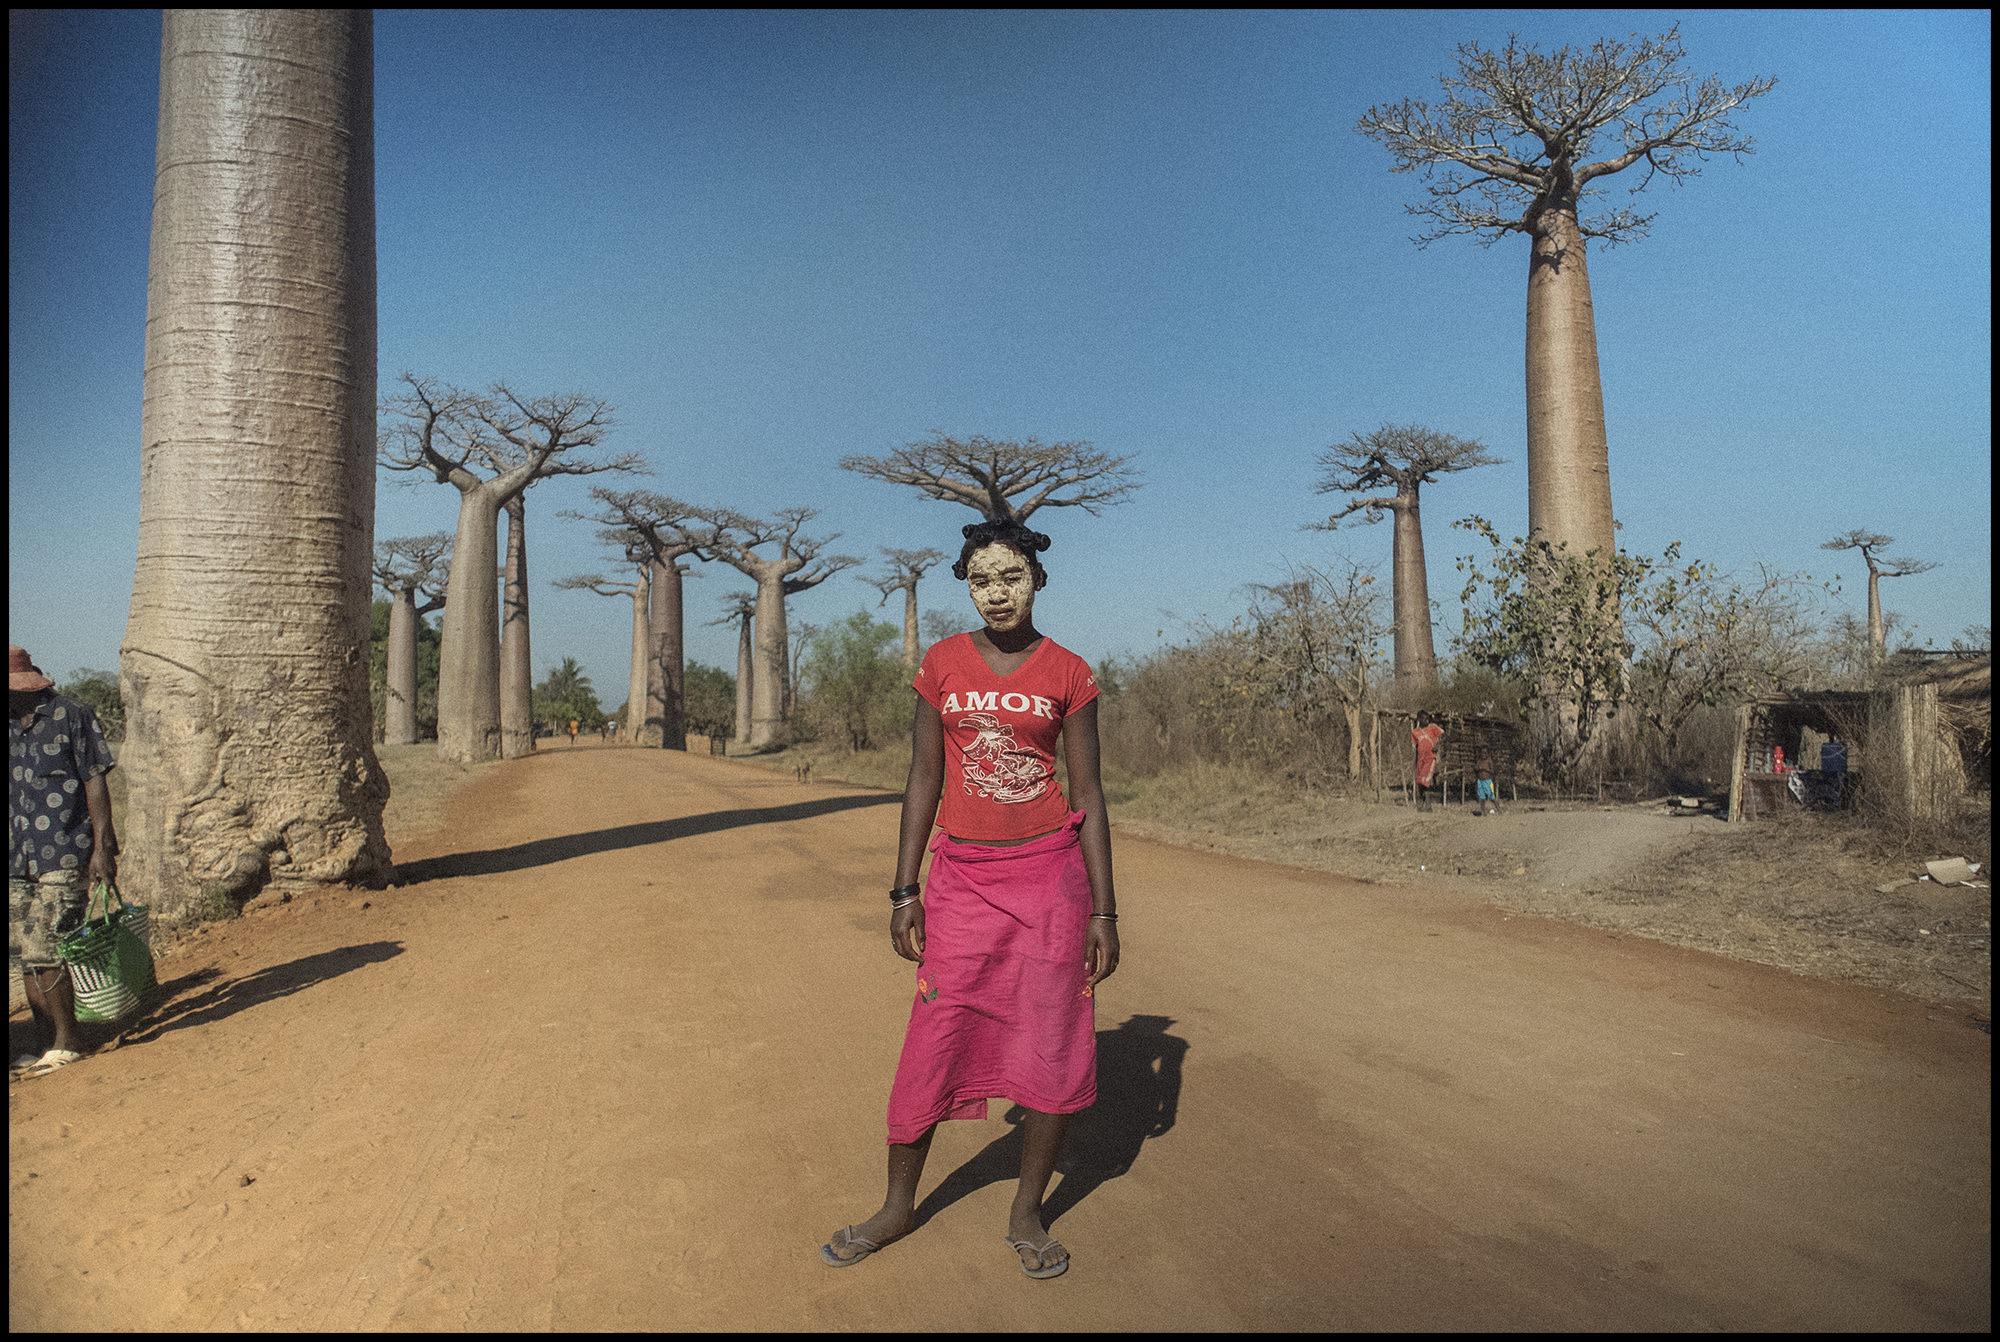 Digital Patrik Wallner Baobabs Tree growing out of hair lady LOWQ 2000P